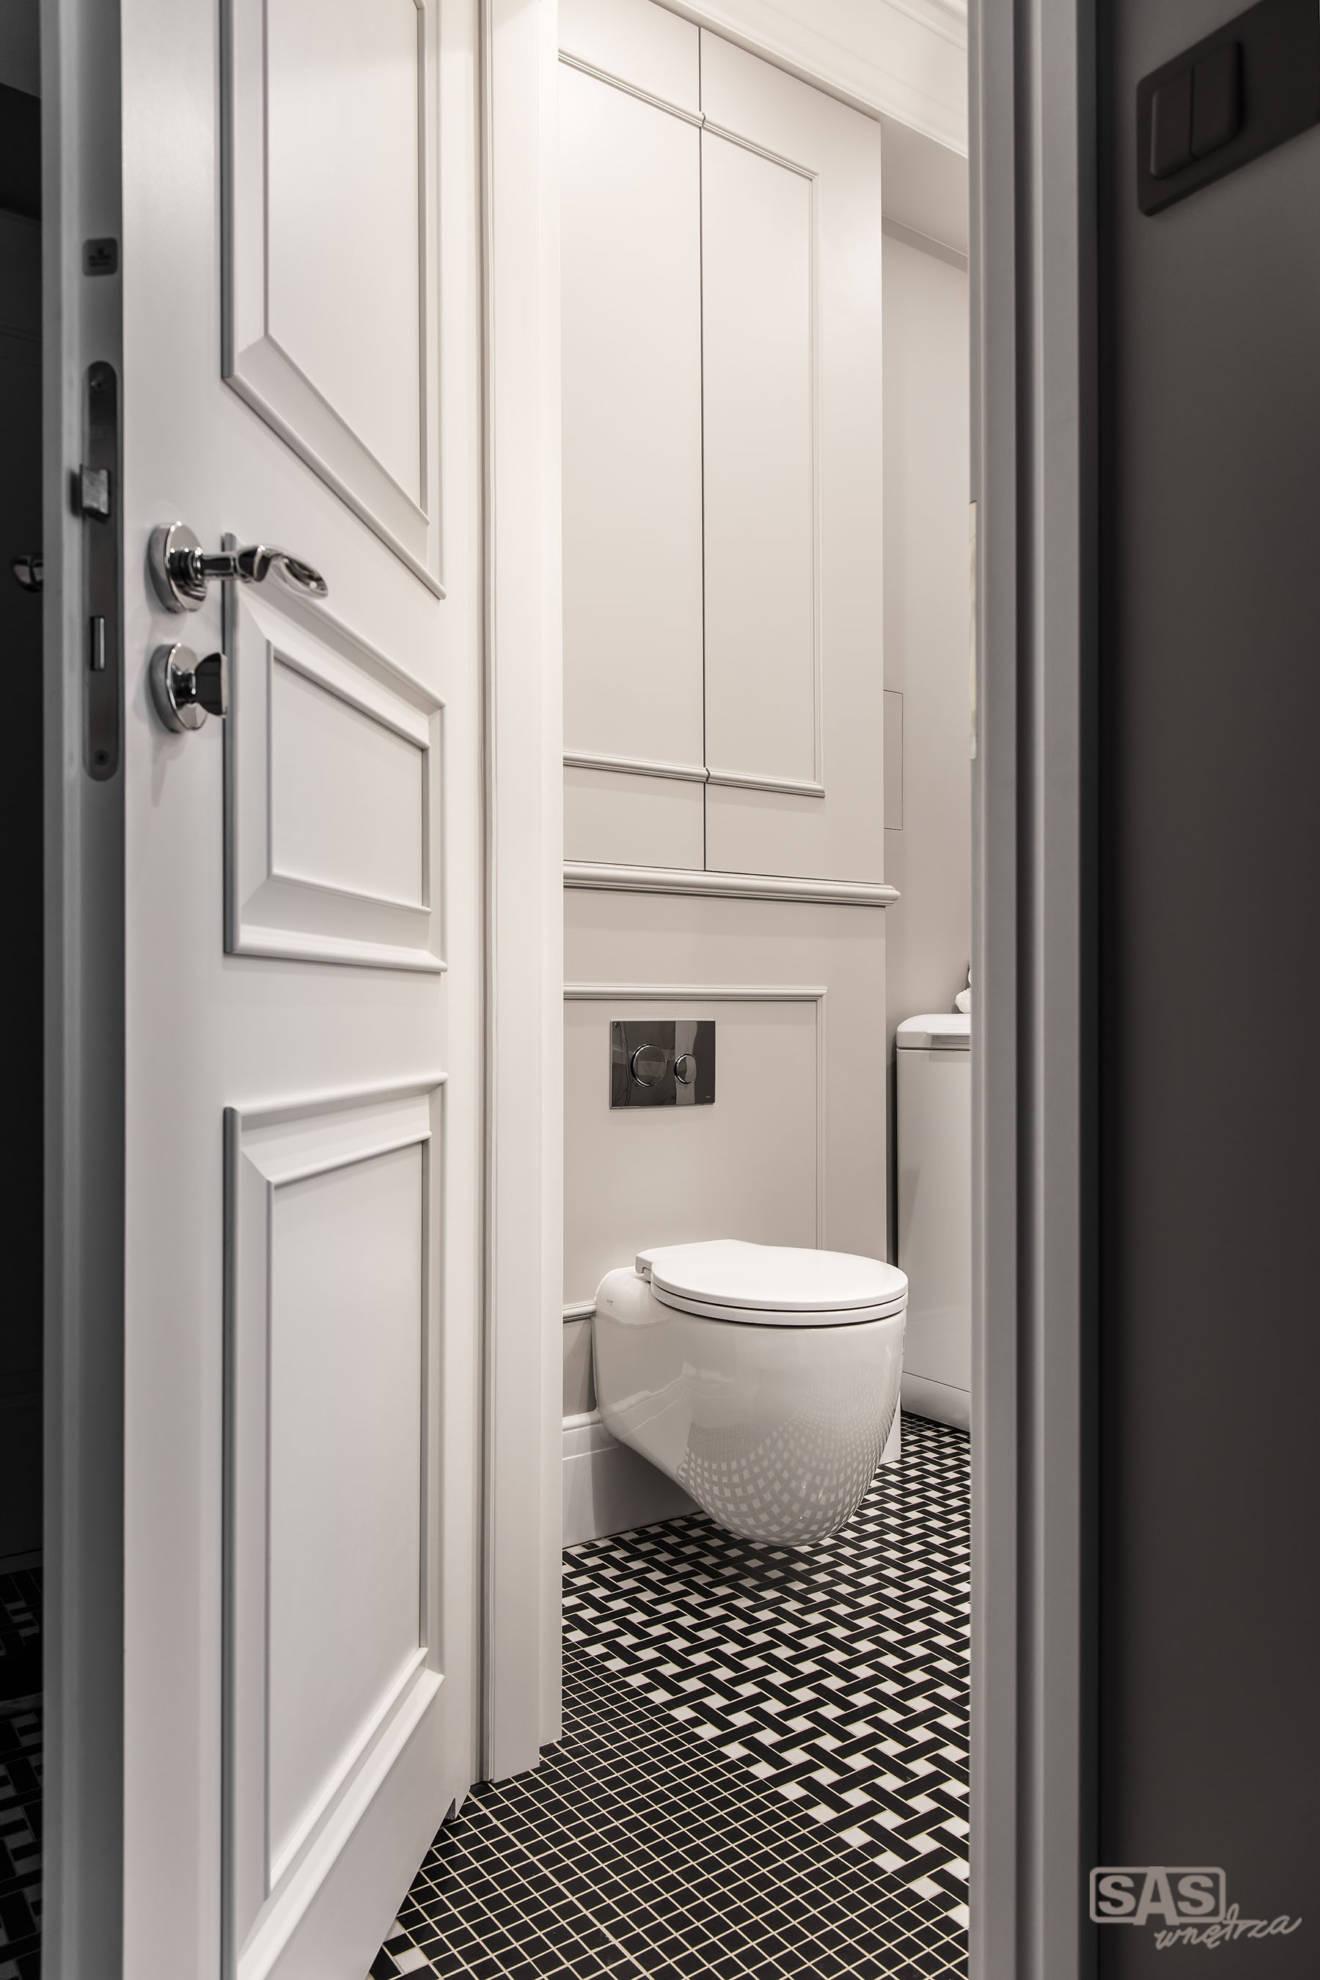 Aranżacja łazienki w mieszkaniu w kamienicy - projekt architekt wnętrz Emilia Strzempek Plasun.